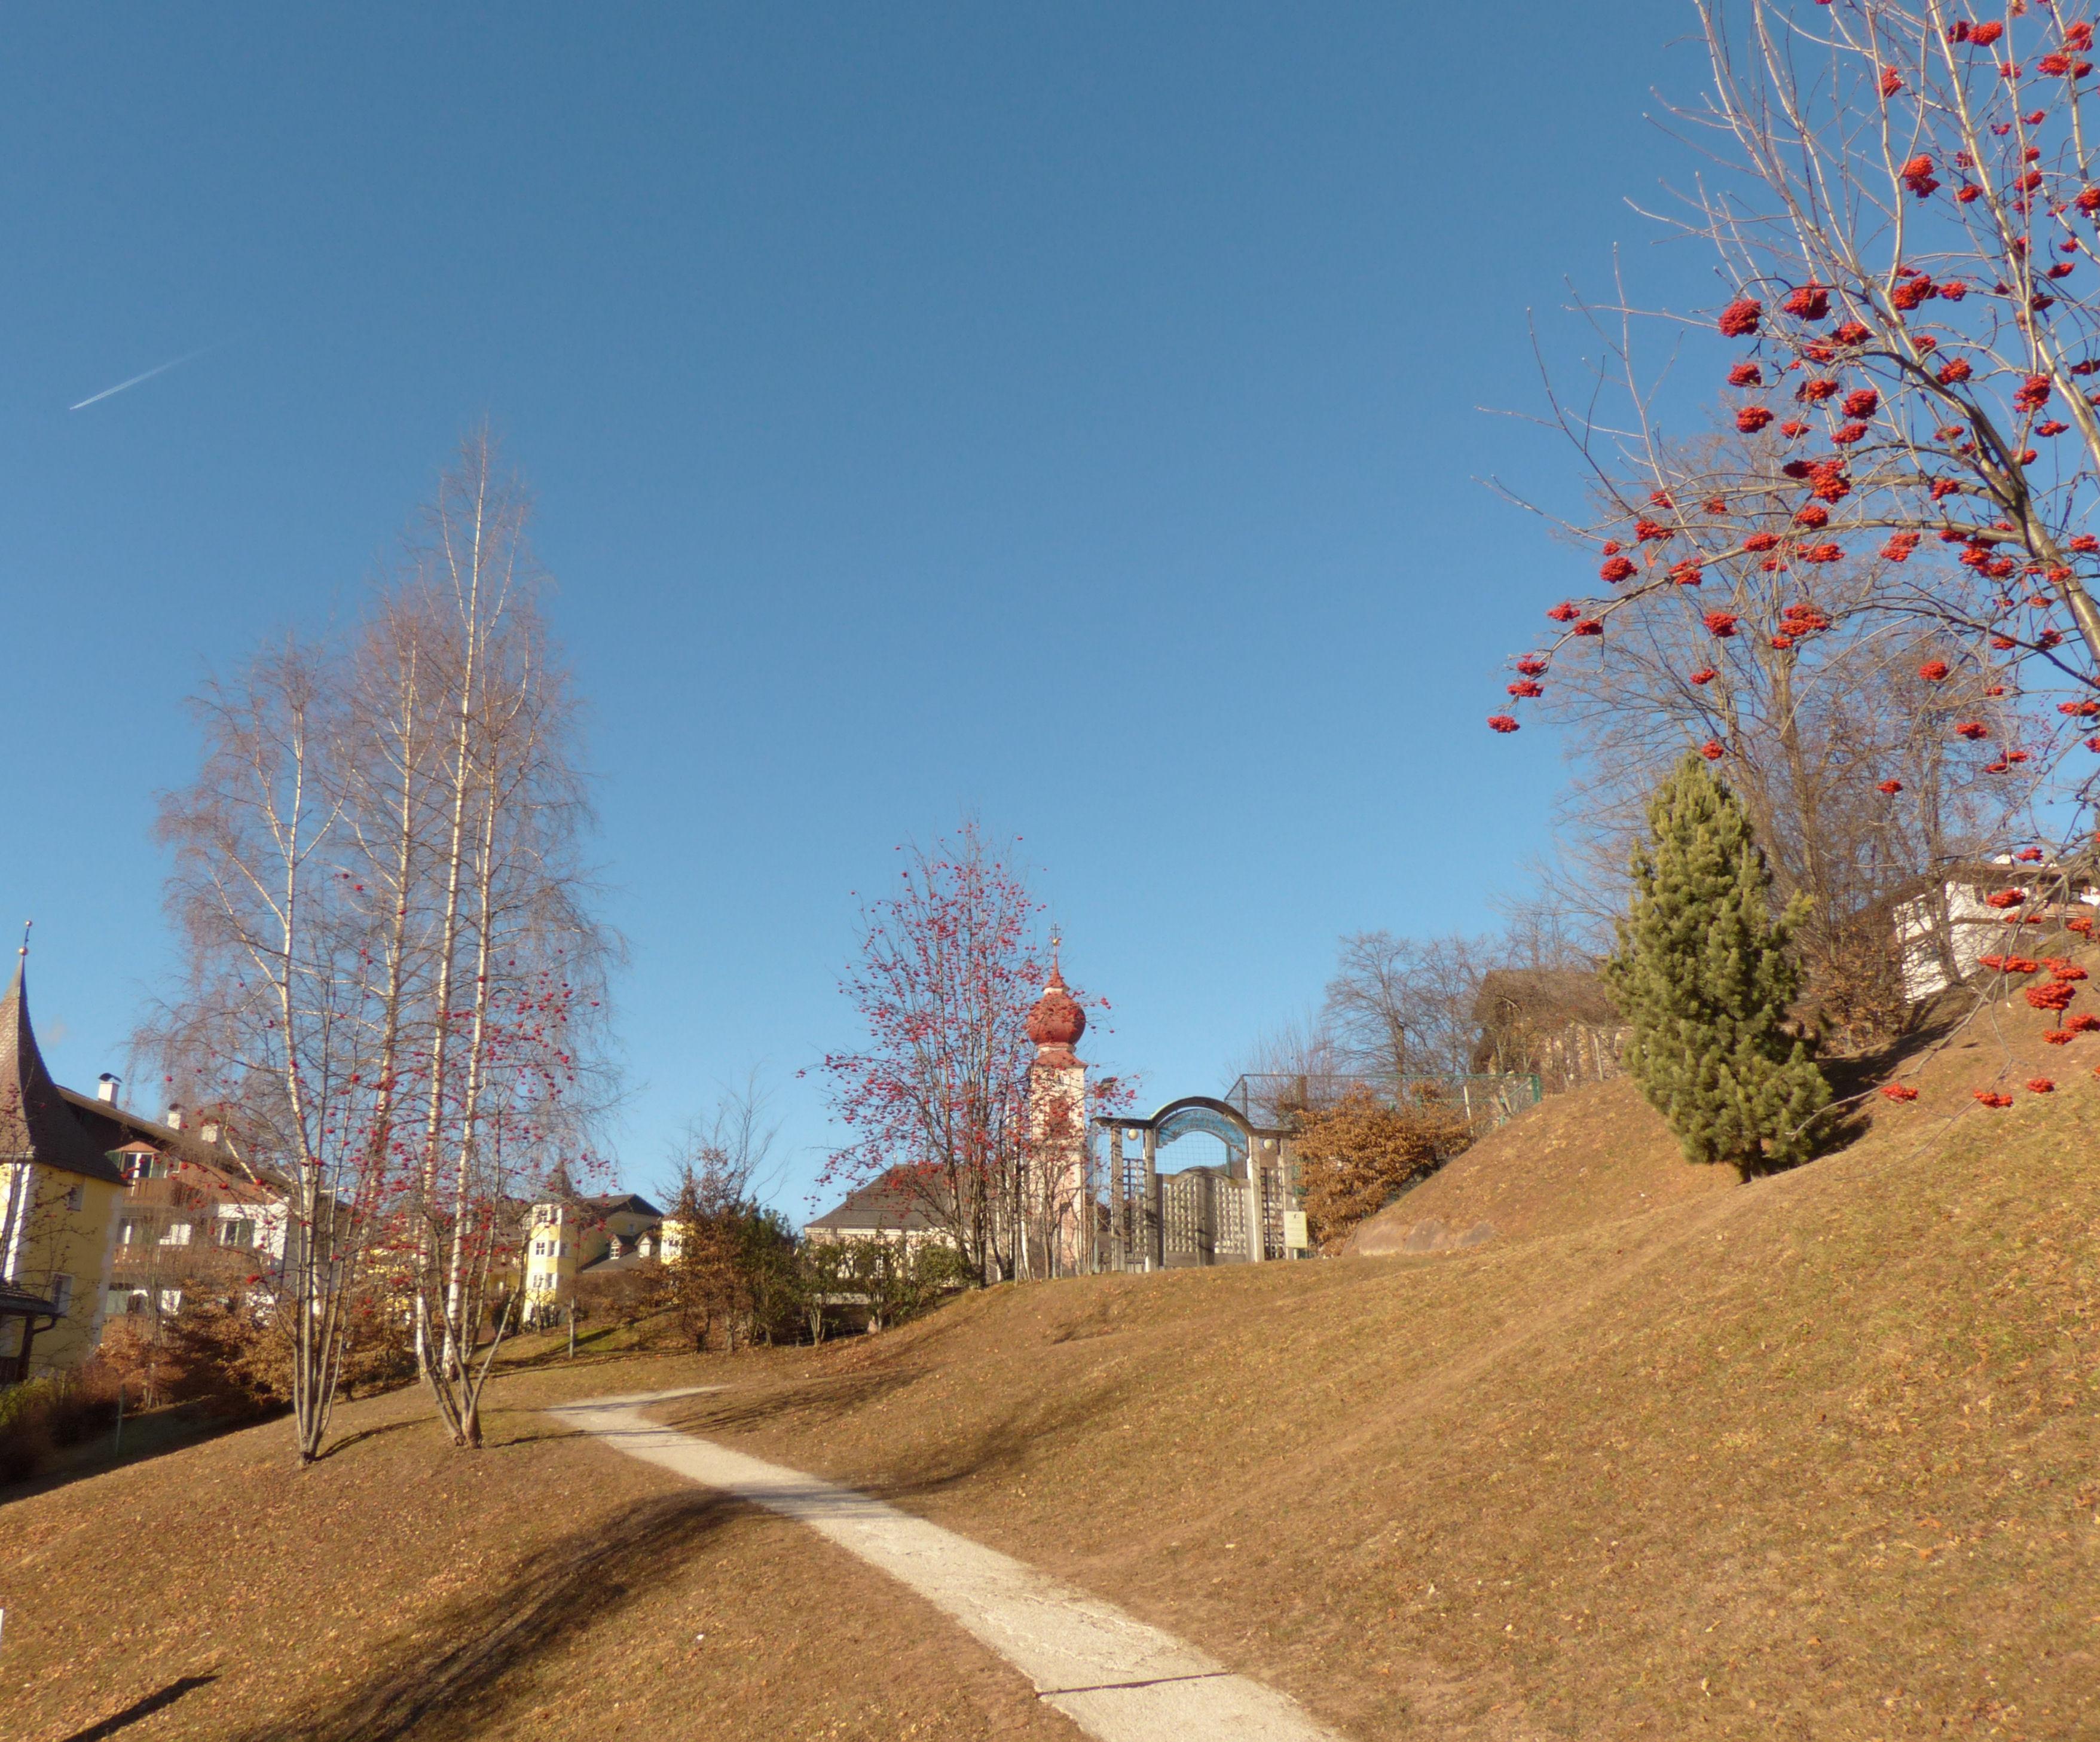 © Dipartimento di Scienze della Vita, Università di Trieste<br>by Andrea Moro<br>Comune di Ortisei / St. Ulrich / Urtijëi, centro urbano, BZ, Trentino-Alto Adige/Südtirol, Italia, 30/12/2016<br>Distributed under CC-BY-SA 4.0 license.